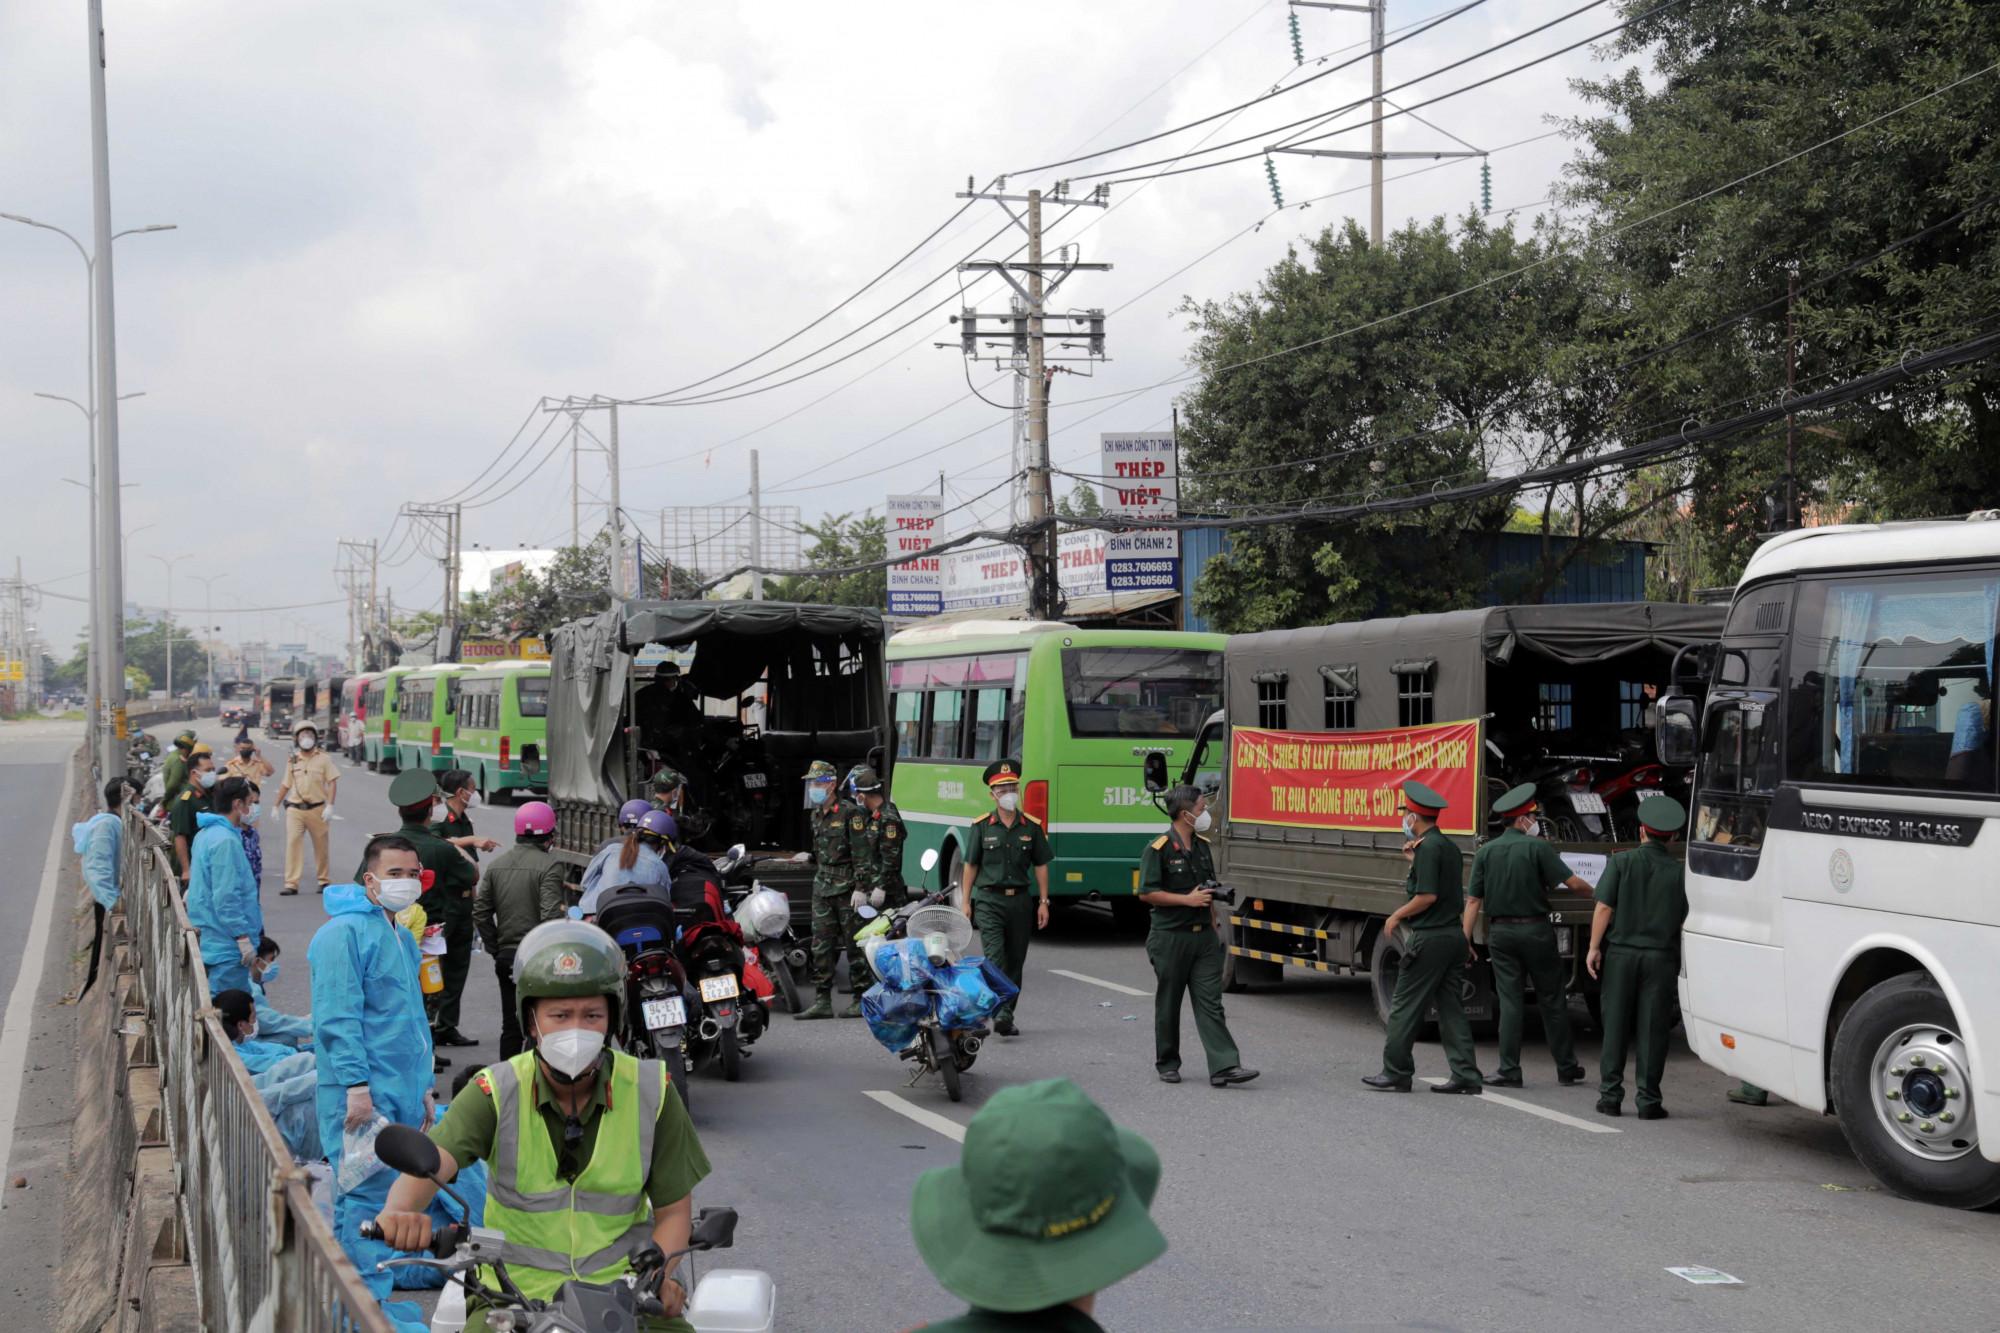 Xe máy được vận chuyển bằng xe chuyên dụng, về cùng chuyến với bà con - Ảnh: Dân Việt